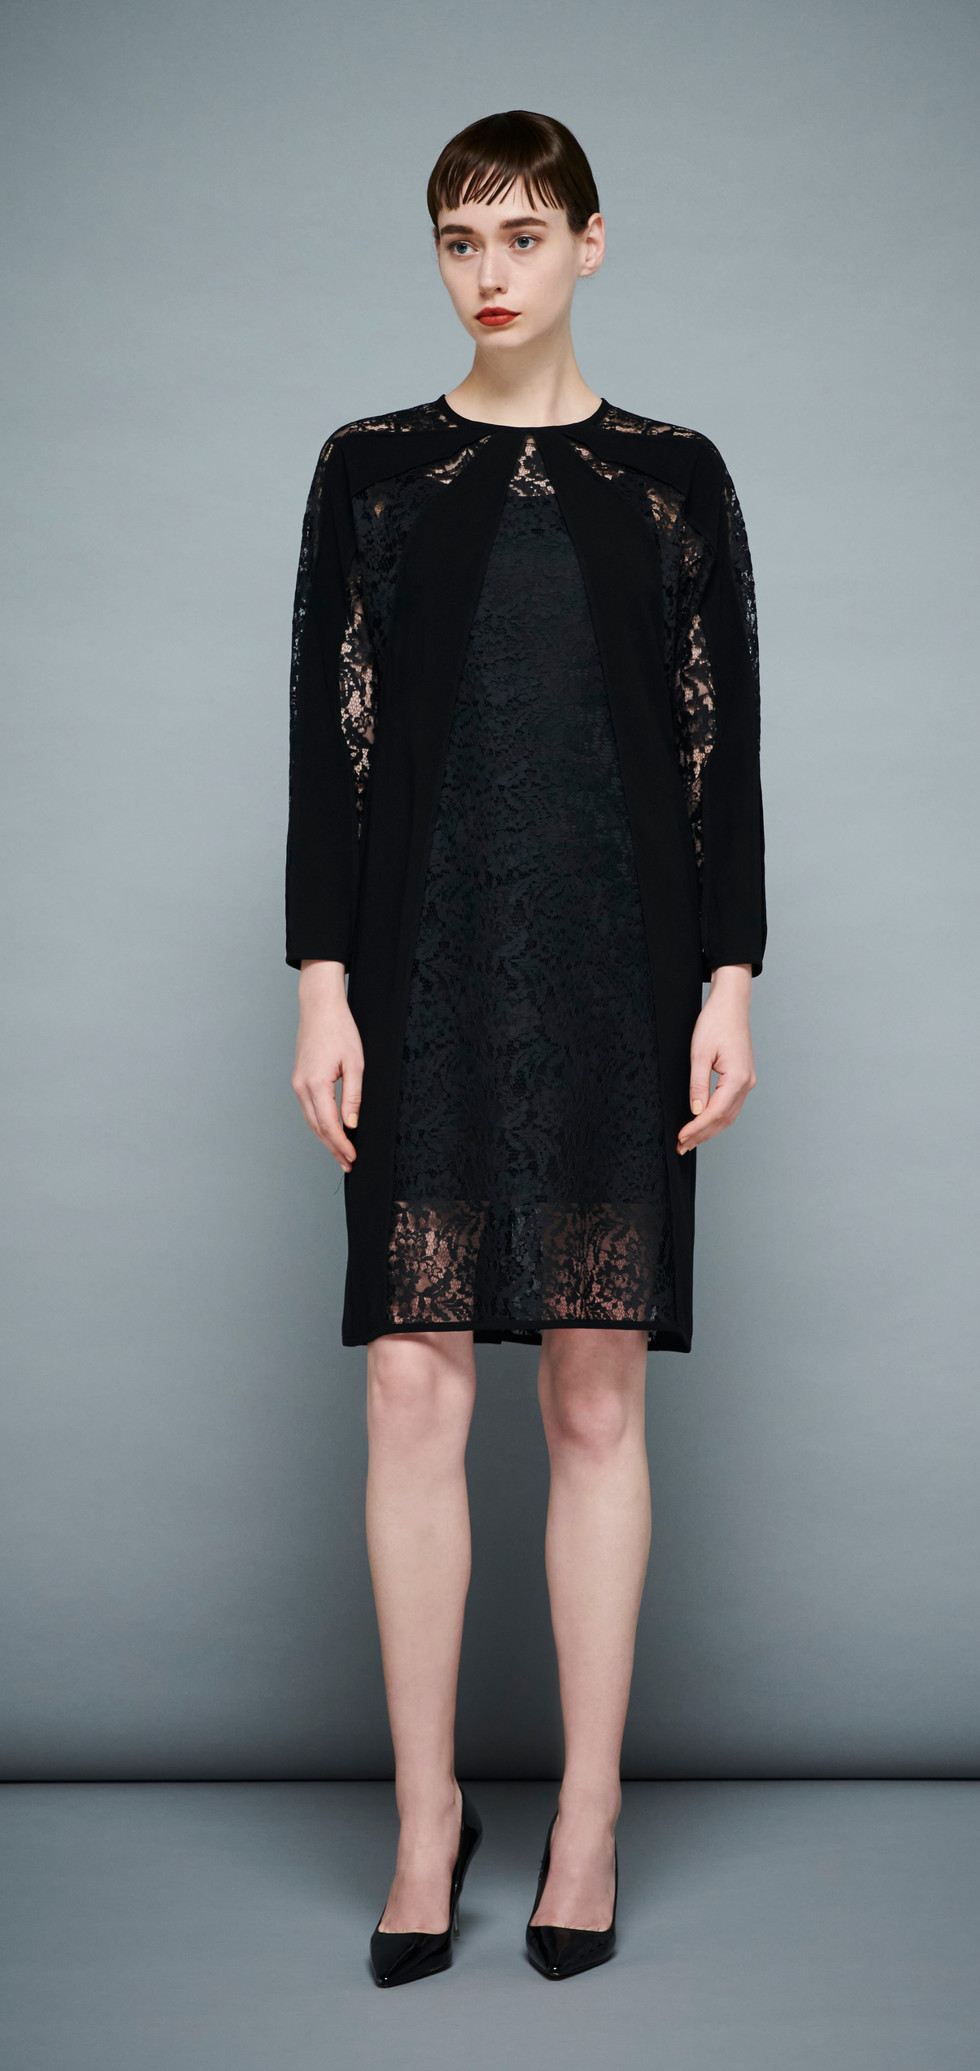 dress BR8O-170-37021